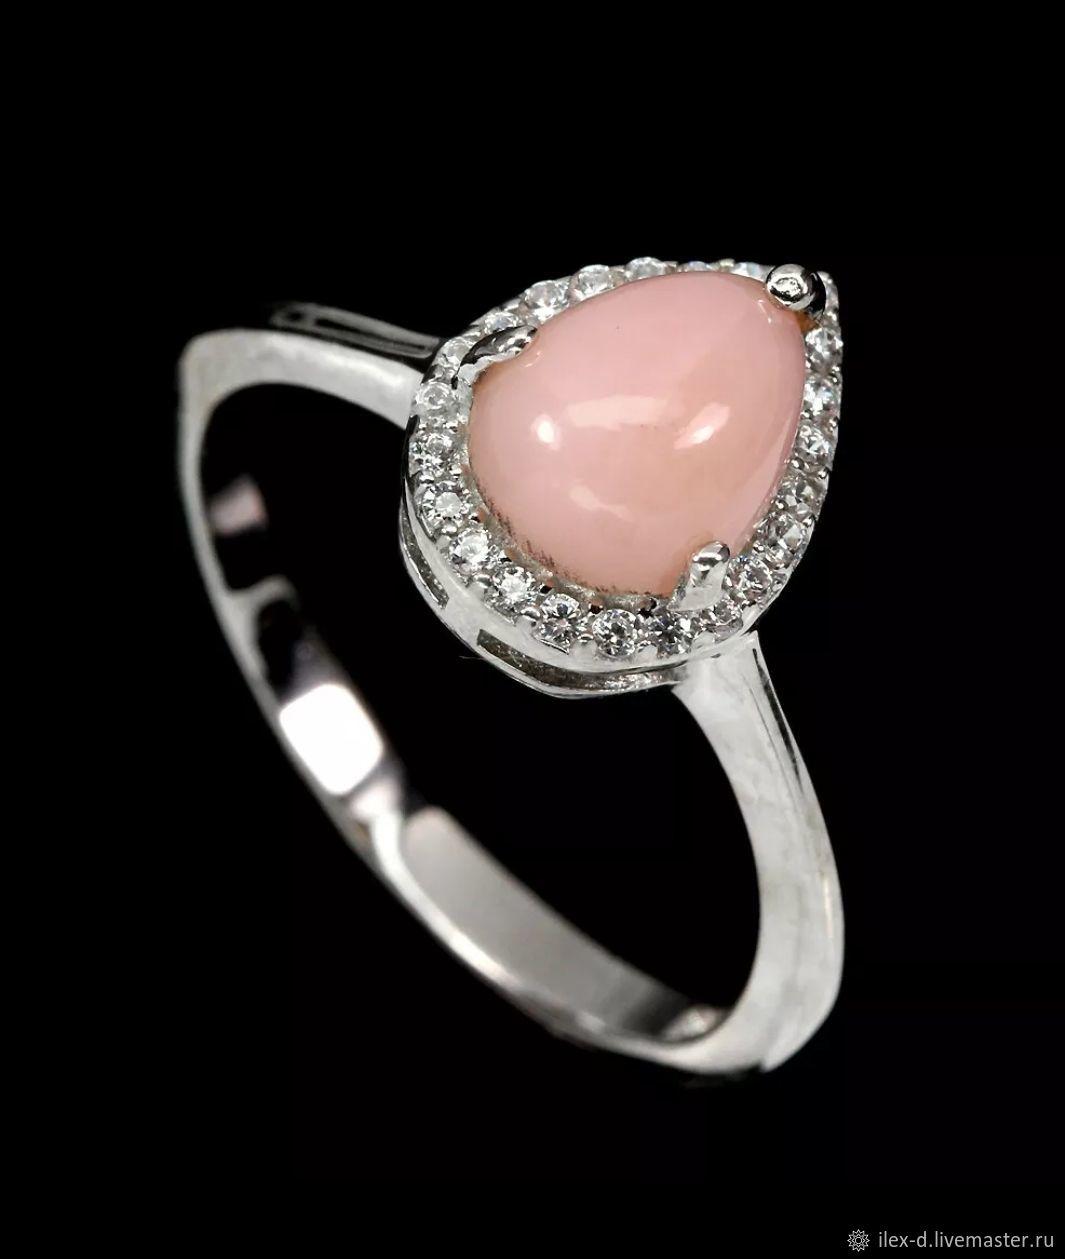 Серебряное кольцо с розовым опалом, 925 проба, Кольца, Москва,  Фото №1